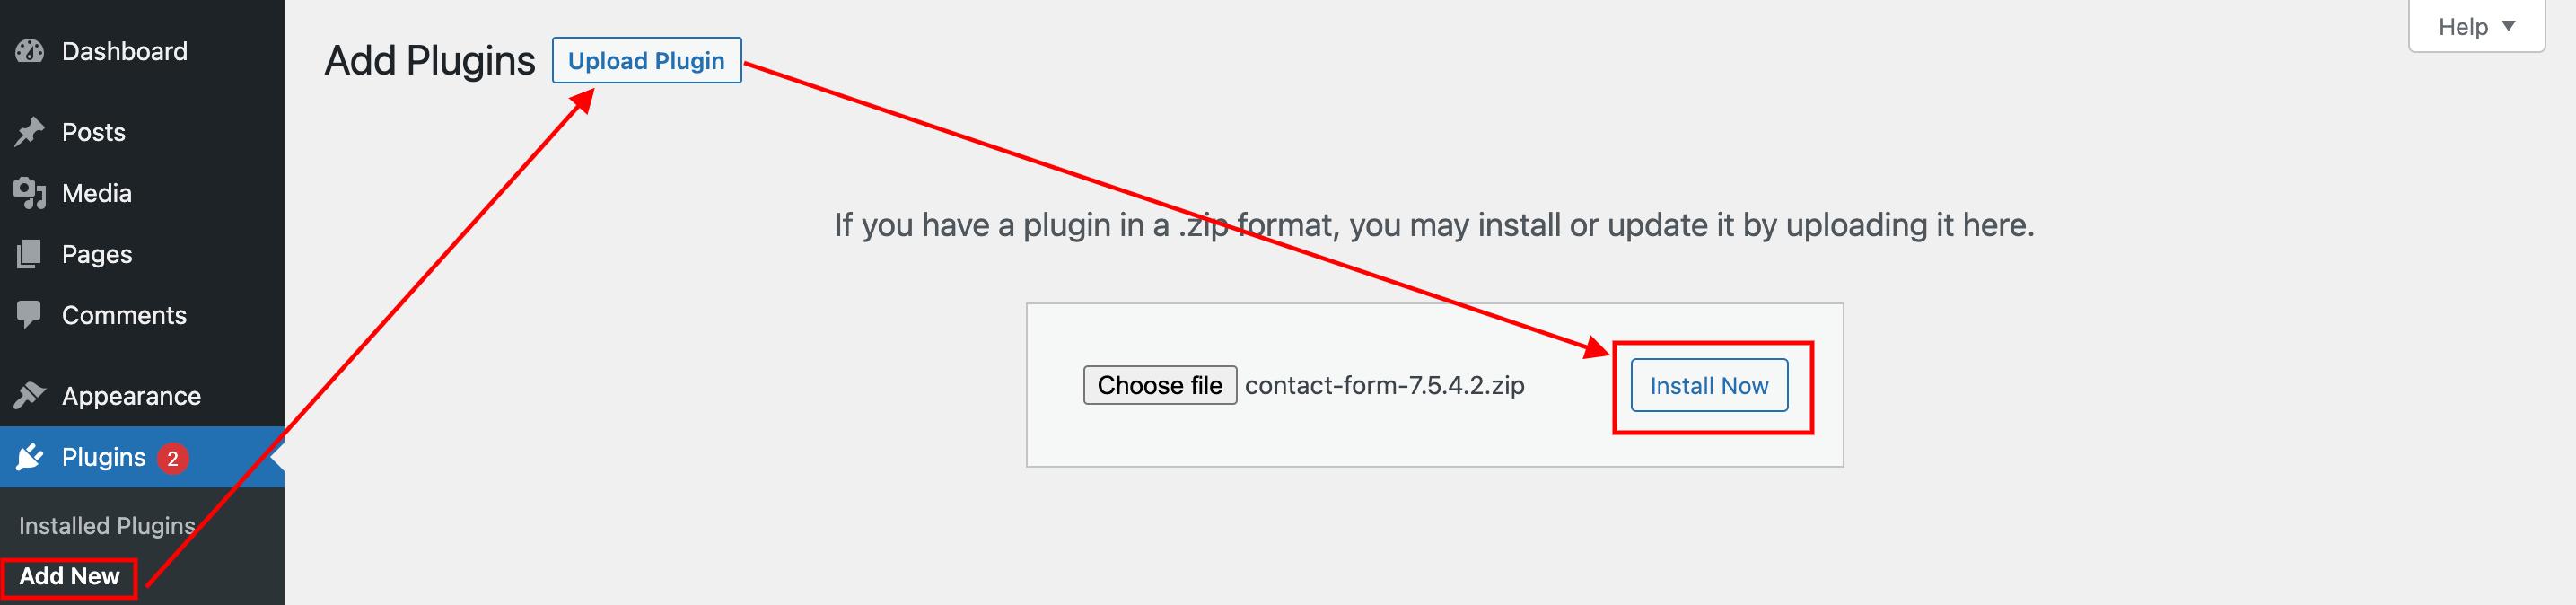 cf7 upload plugin